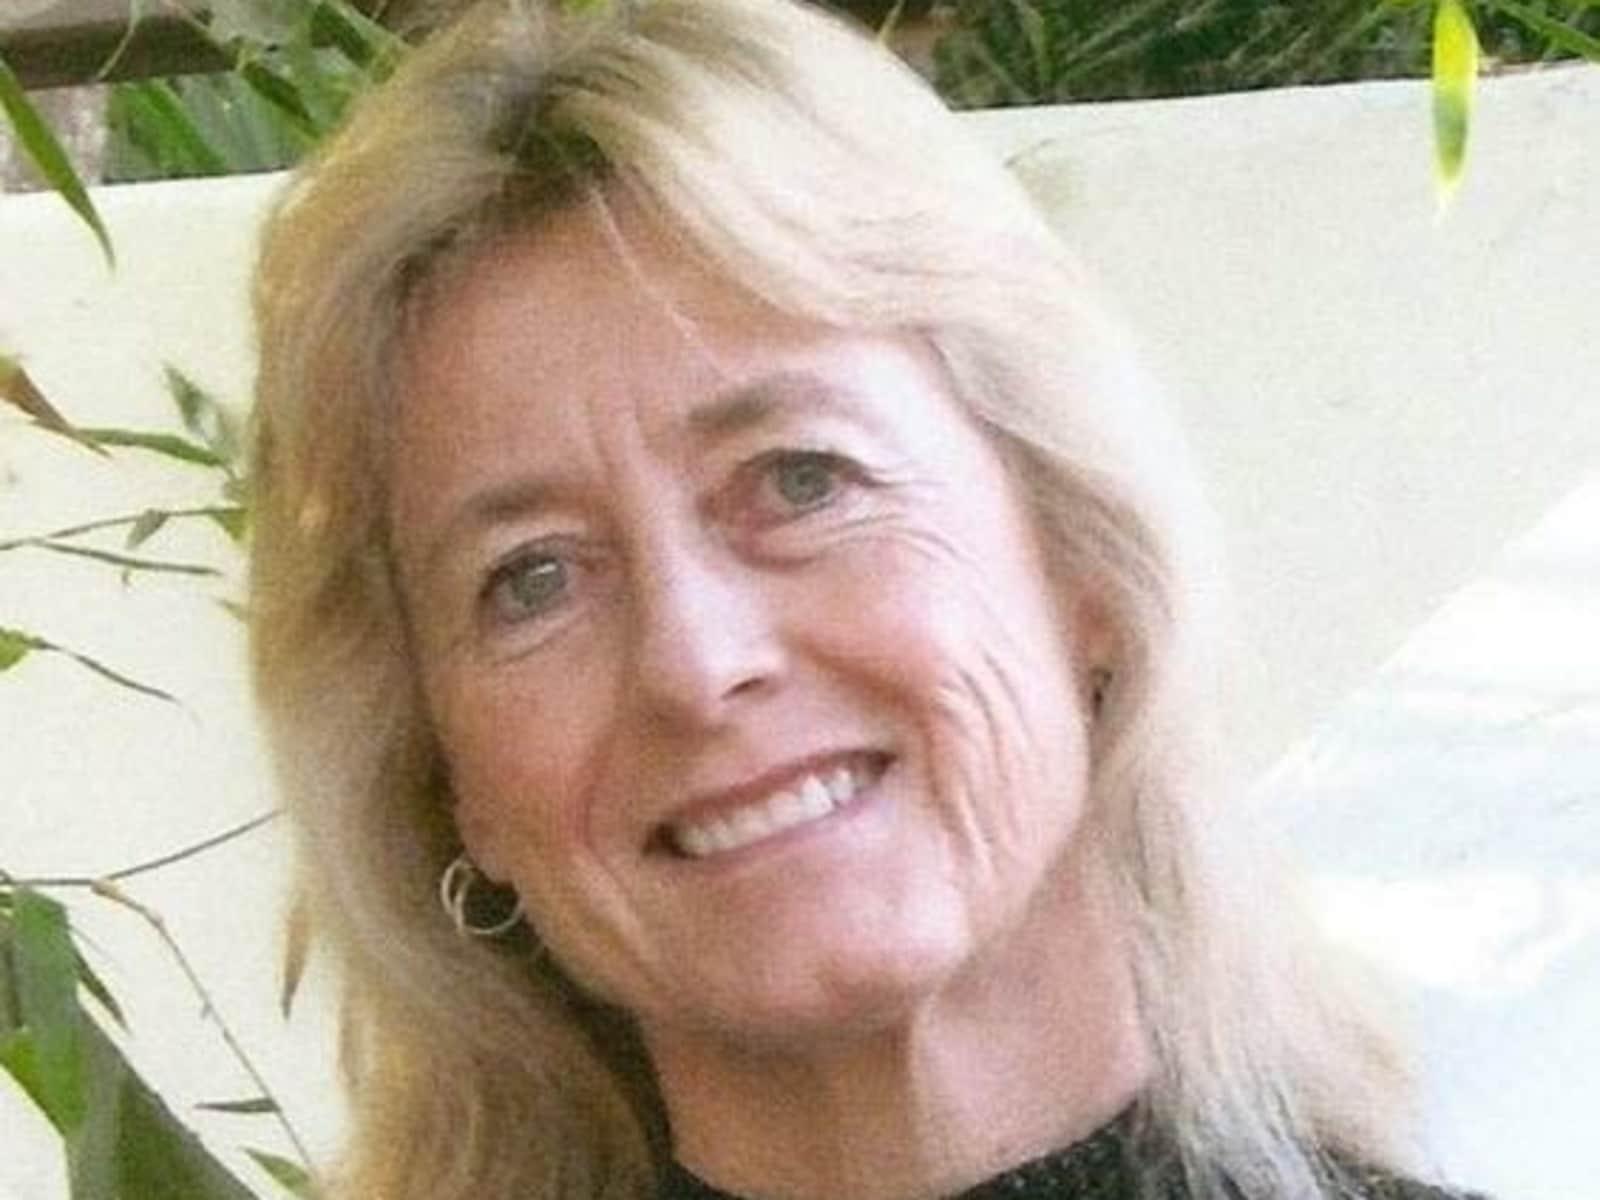 Jill from Shelton, Washington, United States